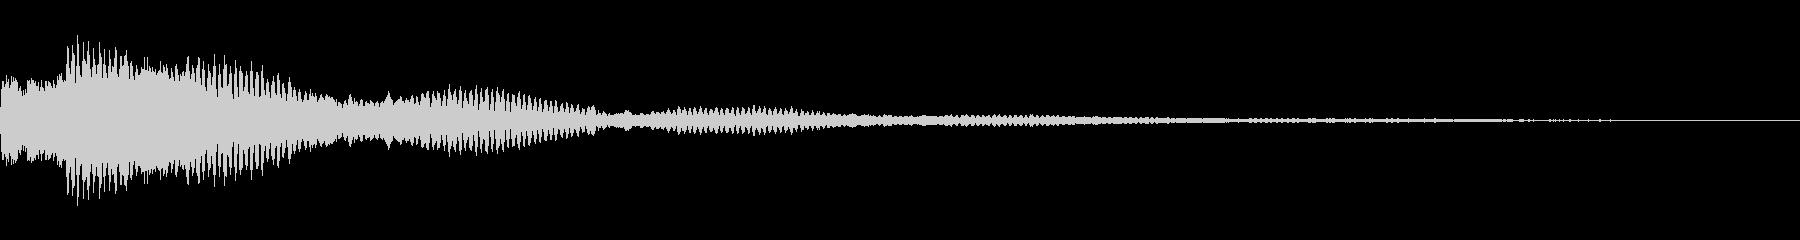 ボタン操作 クイズ ゲーム ピコーン の未再生の波形